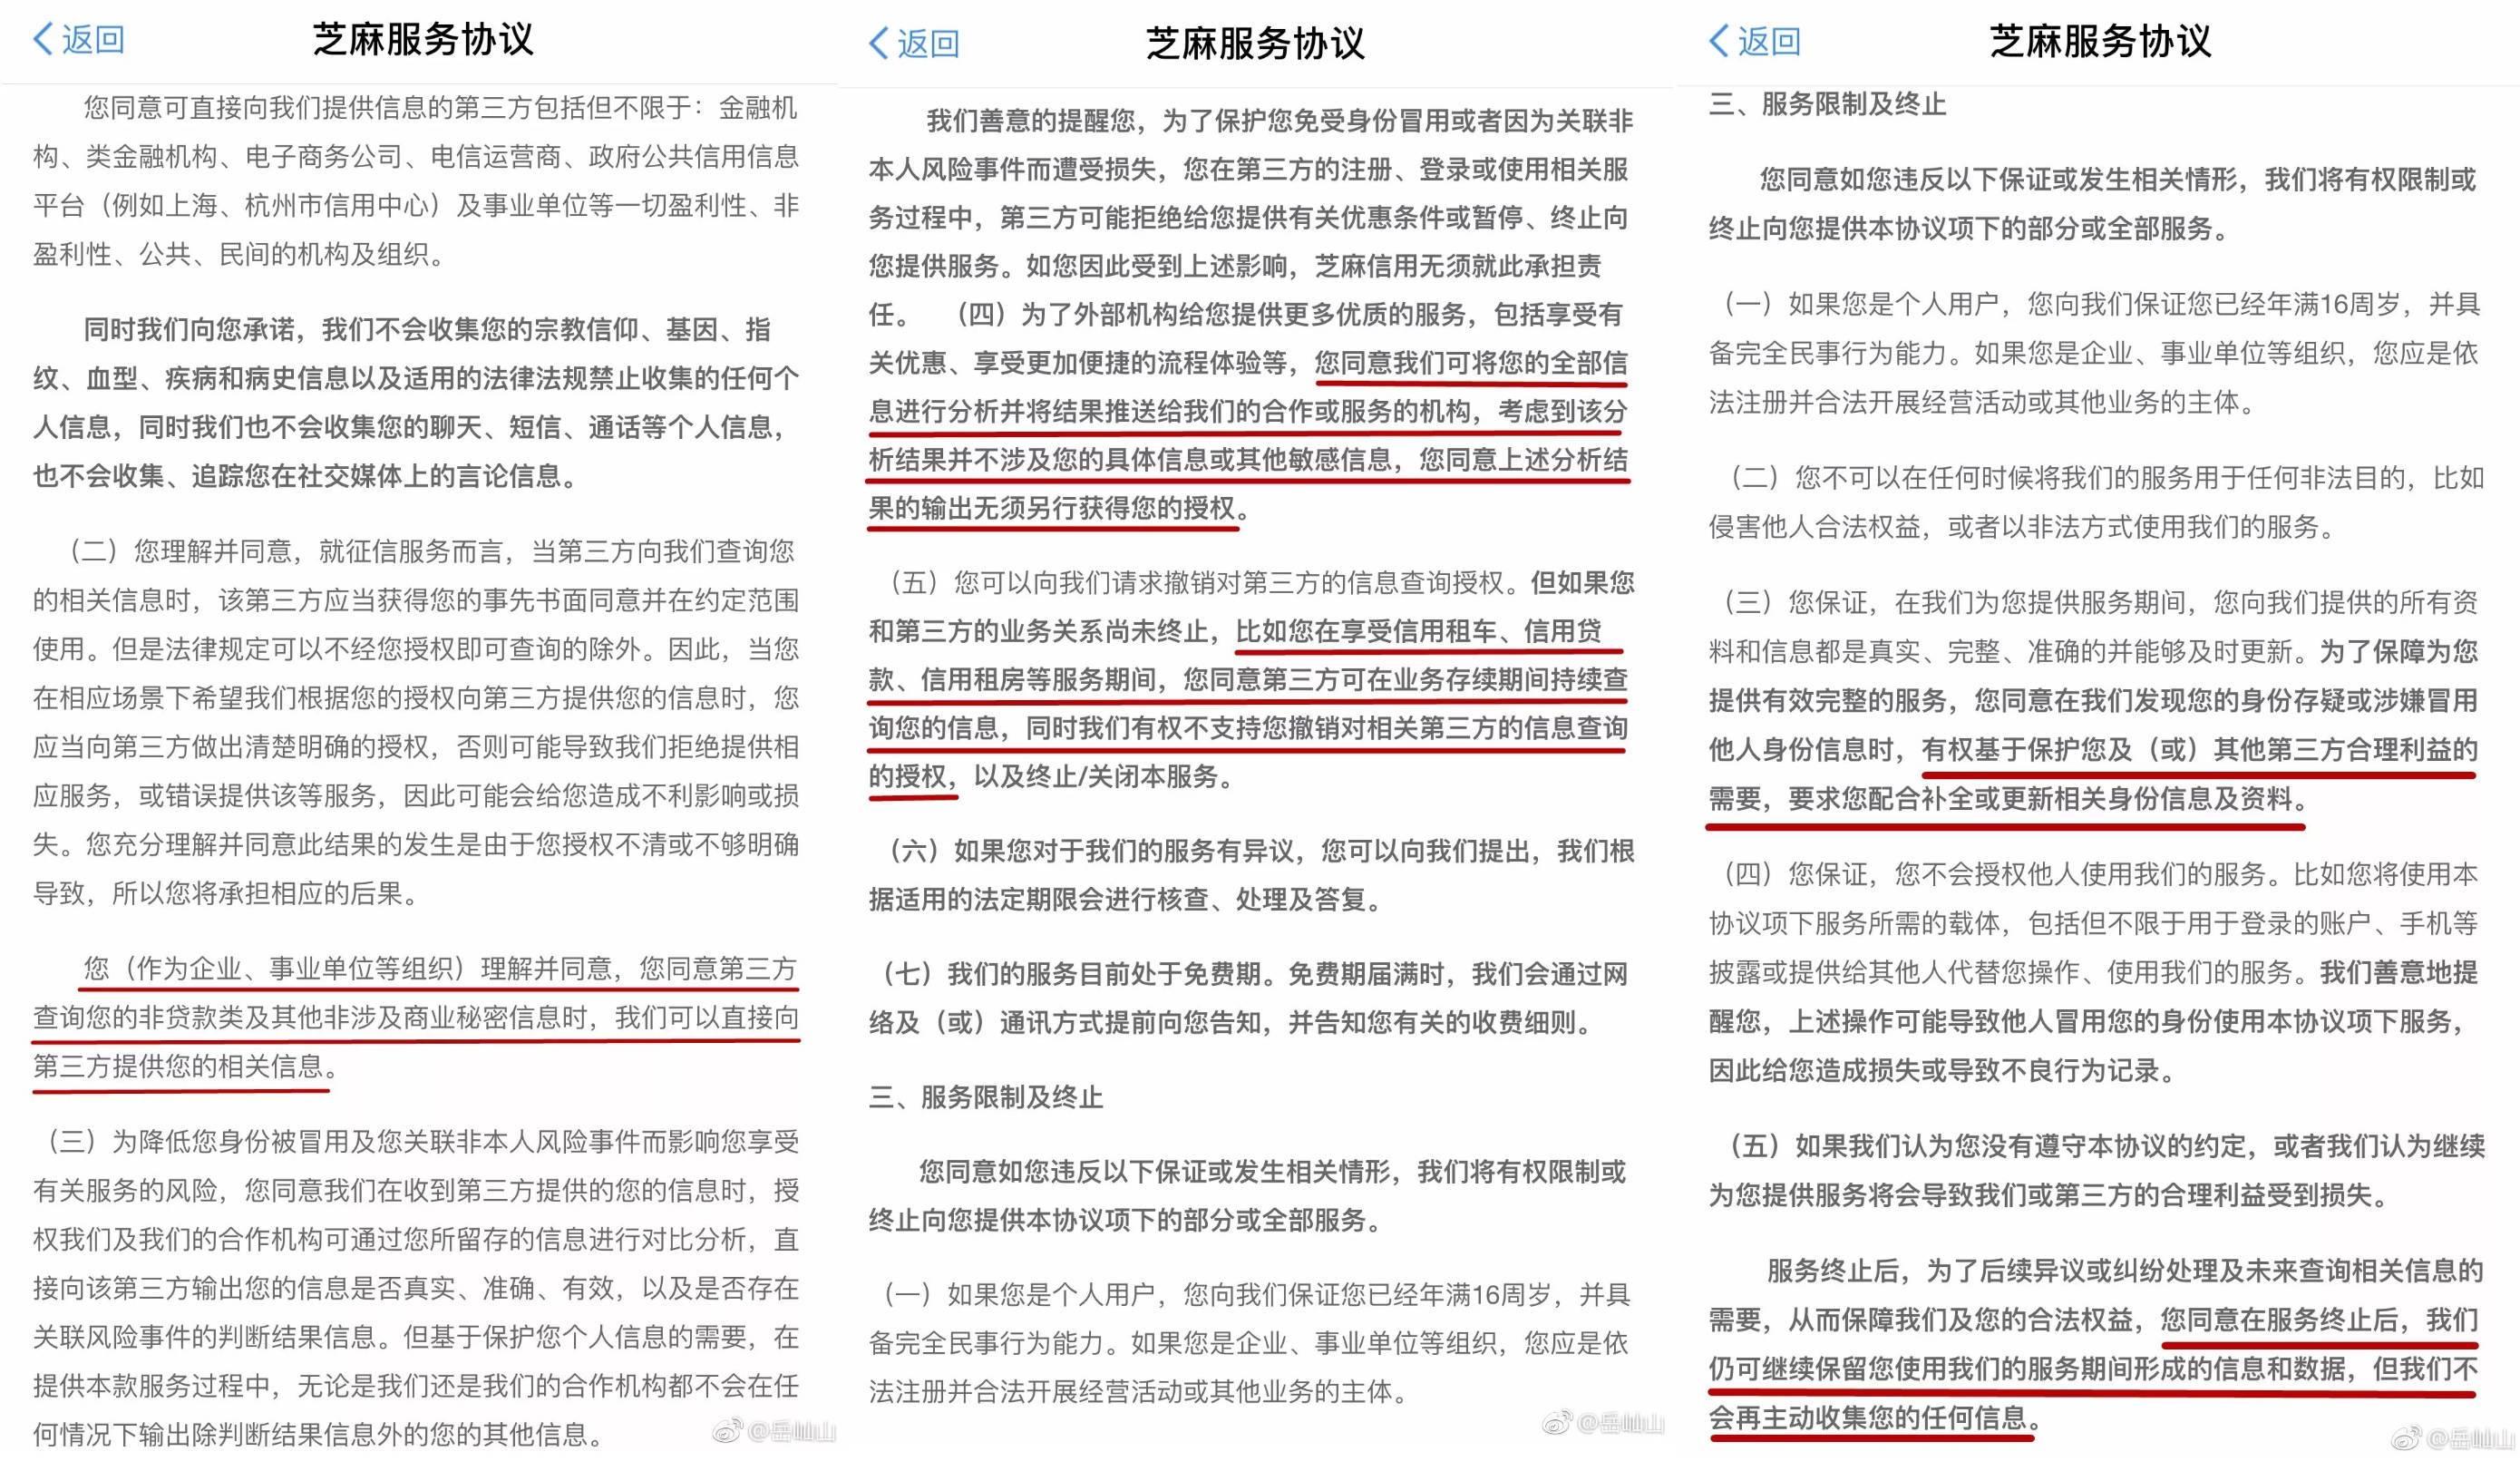 我来翻译一下这里面被指责最多的标红的那几句话。